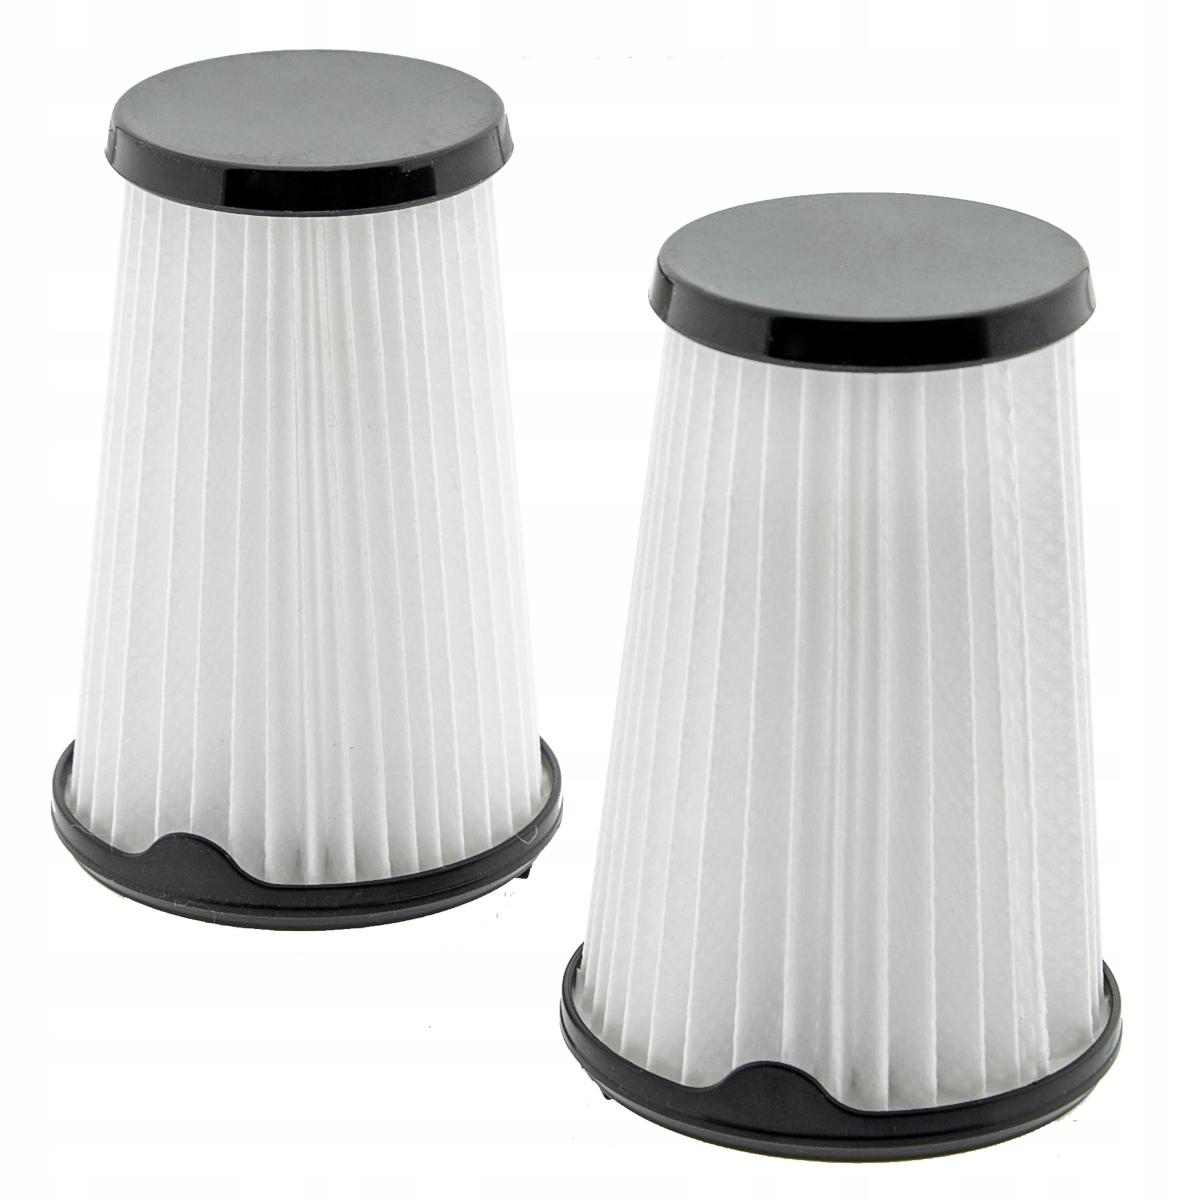 Filter pre vysávač AEG CX7-2-45IM